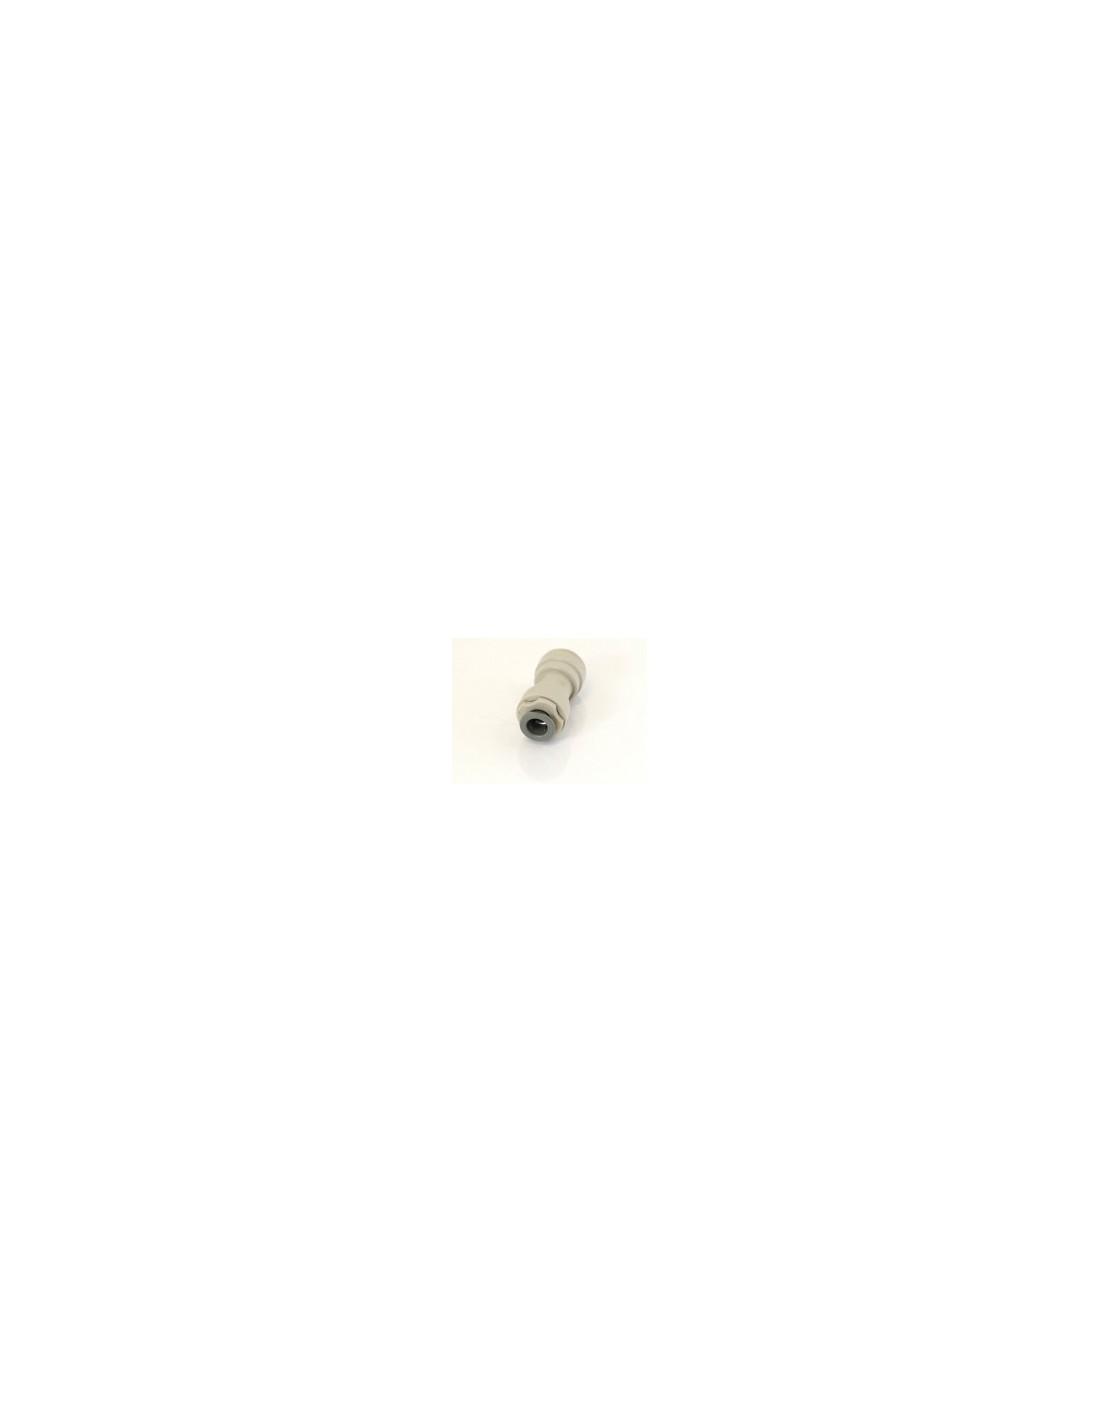 """SPO00114 - JG SS rak förminskare 9,5 x 8 mm (3/8"""" x 5/16"""") (SI041012S)"""